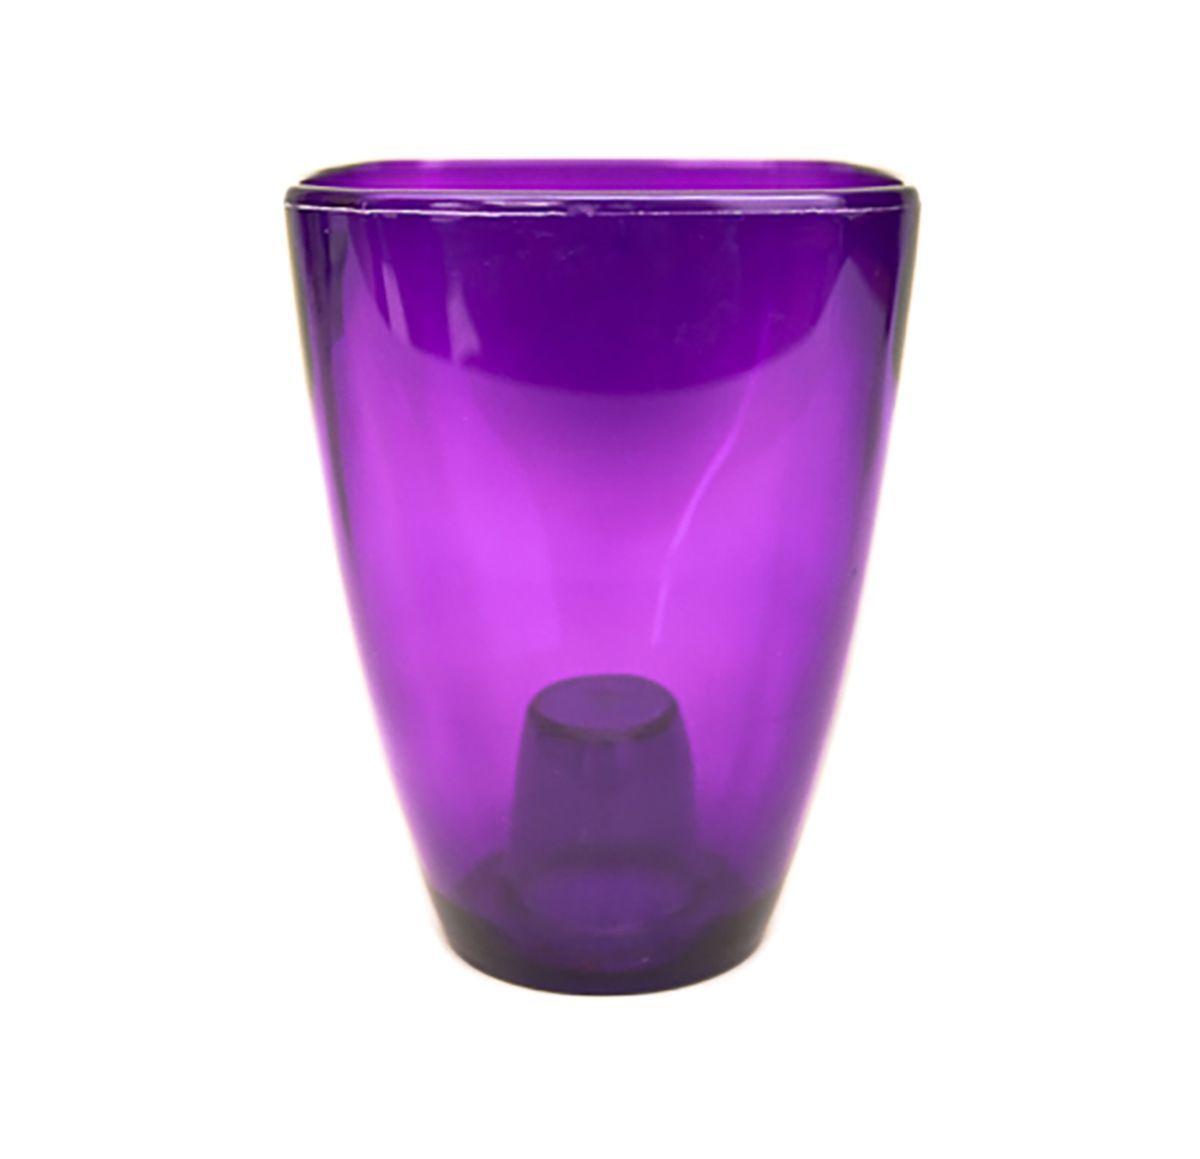 Кашпо для орхидей Form-Plastic Орхидея, цвет: фиолетовый, 10 х 10 х 16,5 см511-207Кашпо для орхидей Form-Plastic выполнено из высококачественного пластика. Прозрачные стенки обеспечат достаточное количество света корням растения. Необычная форма и насыщенный цвет подчеркнут красоту цветка.